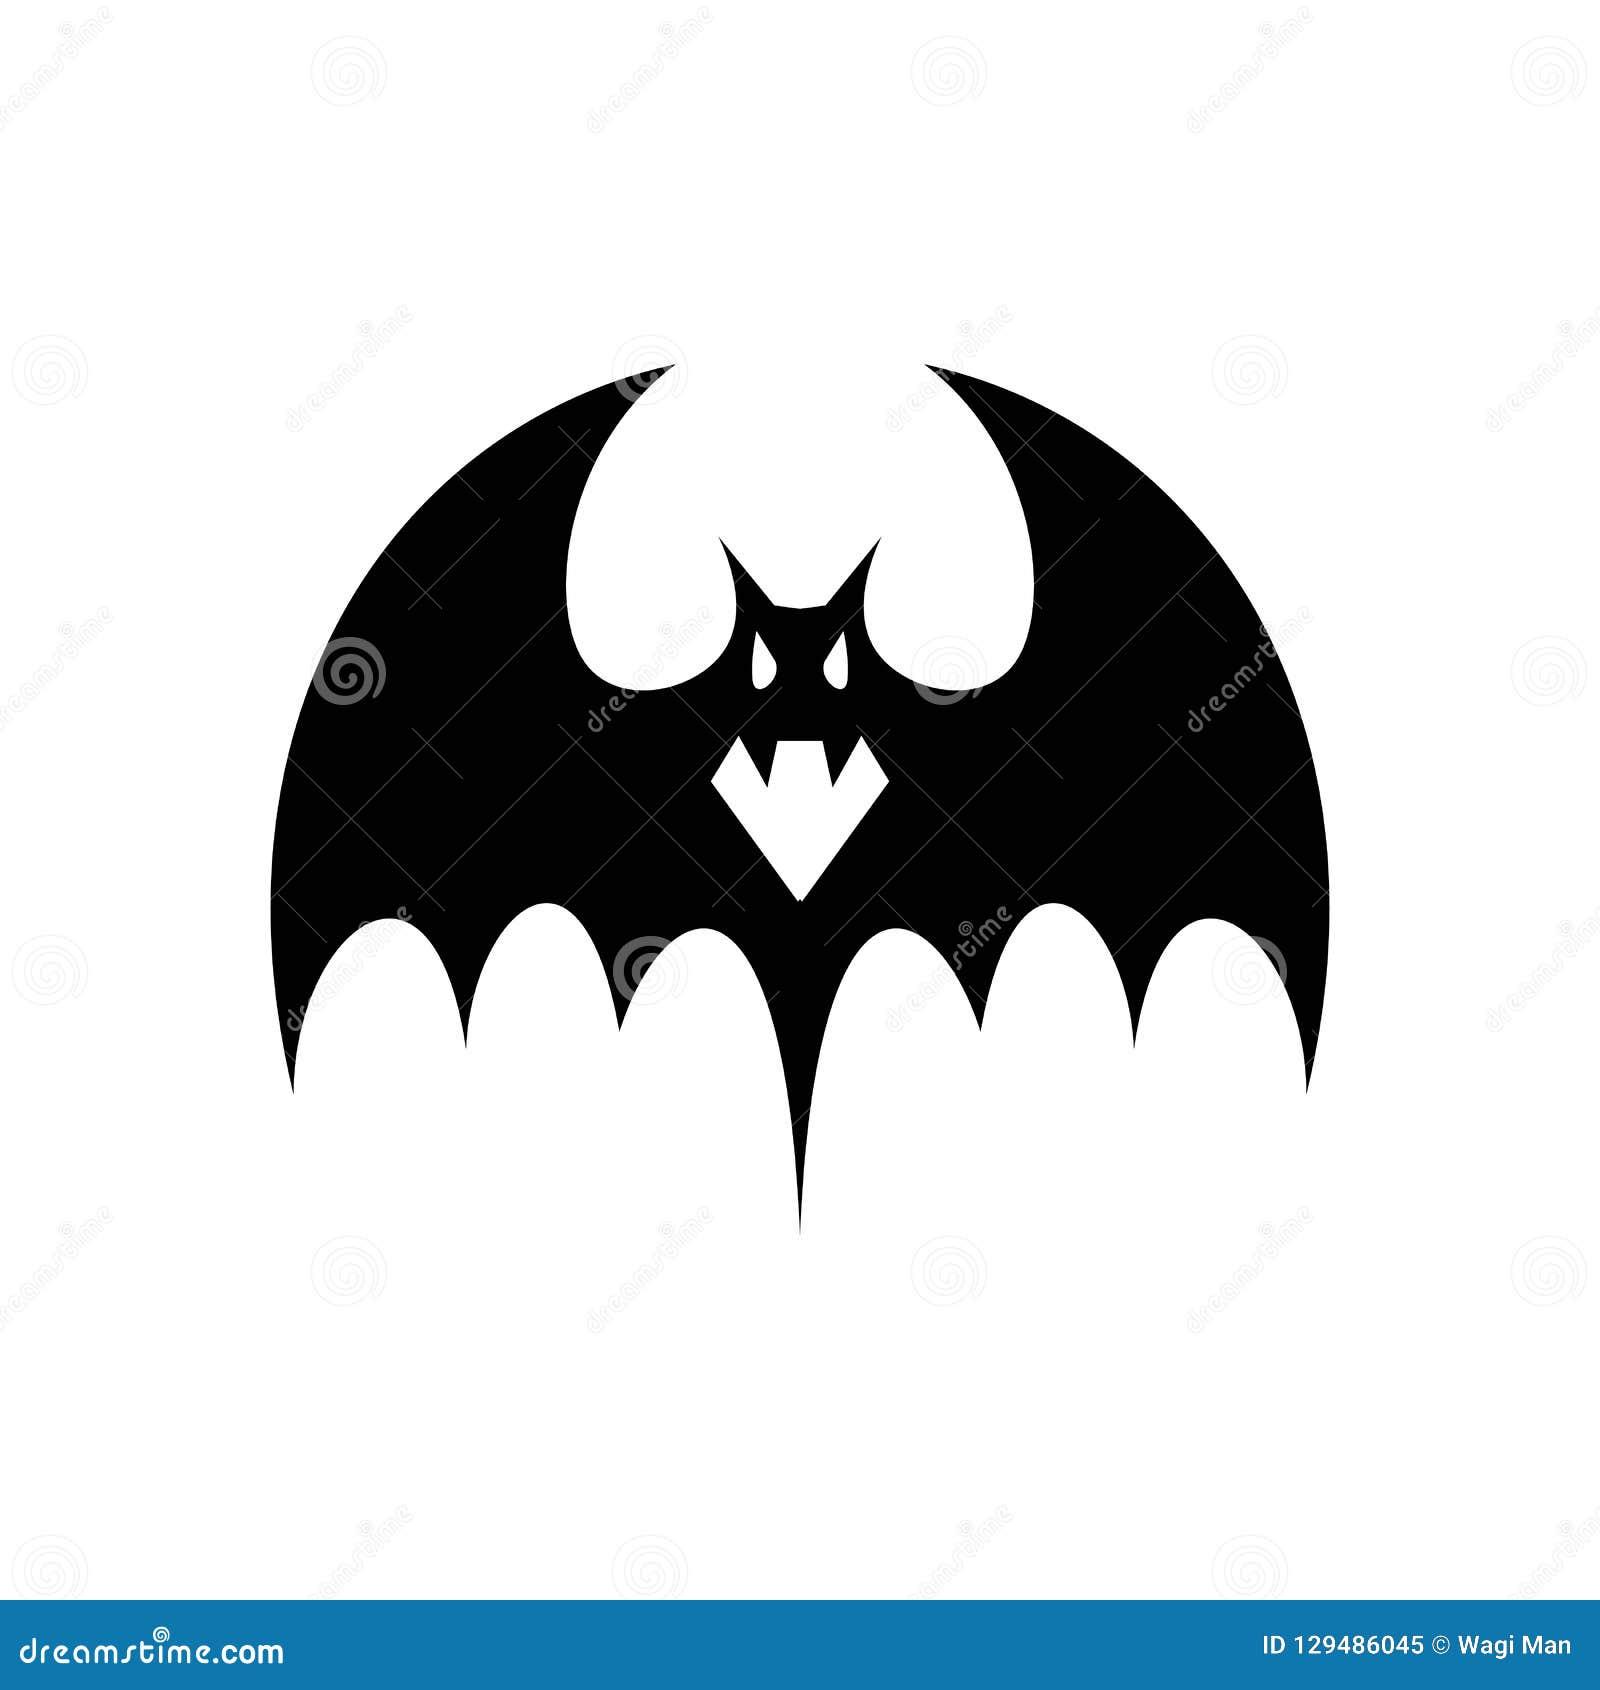 I pipistrelli spettrali, vampiri del pipistrello sono siluette semplici ma spettrali per gli attributi di Halloween